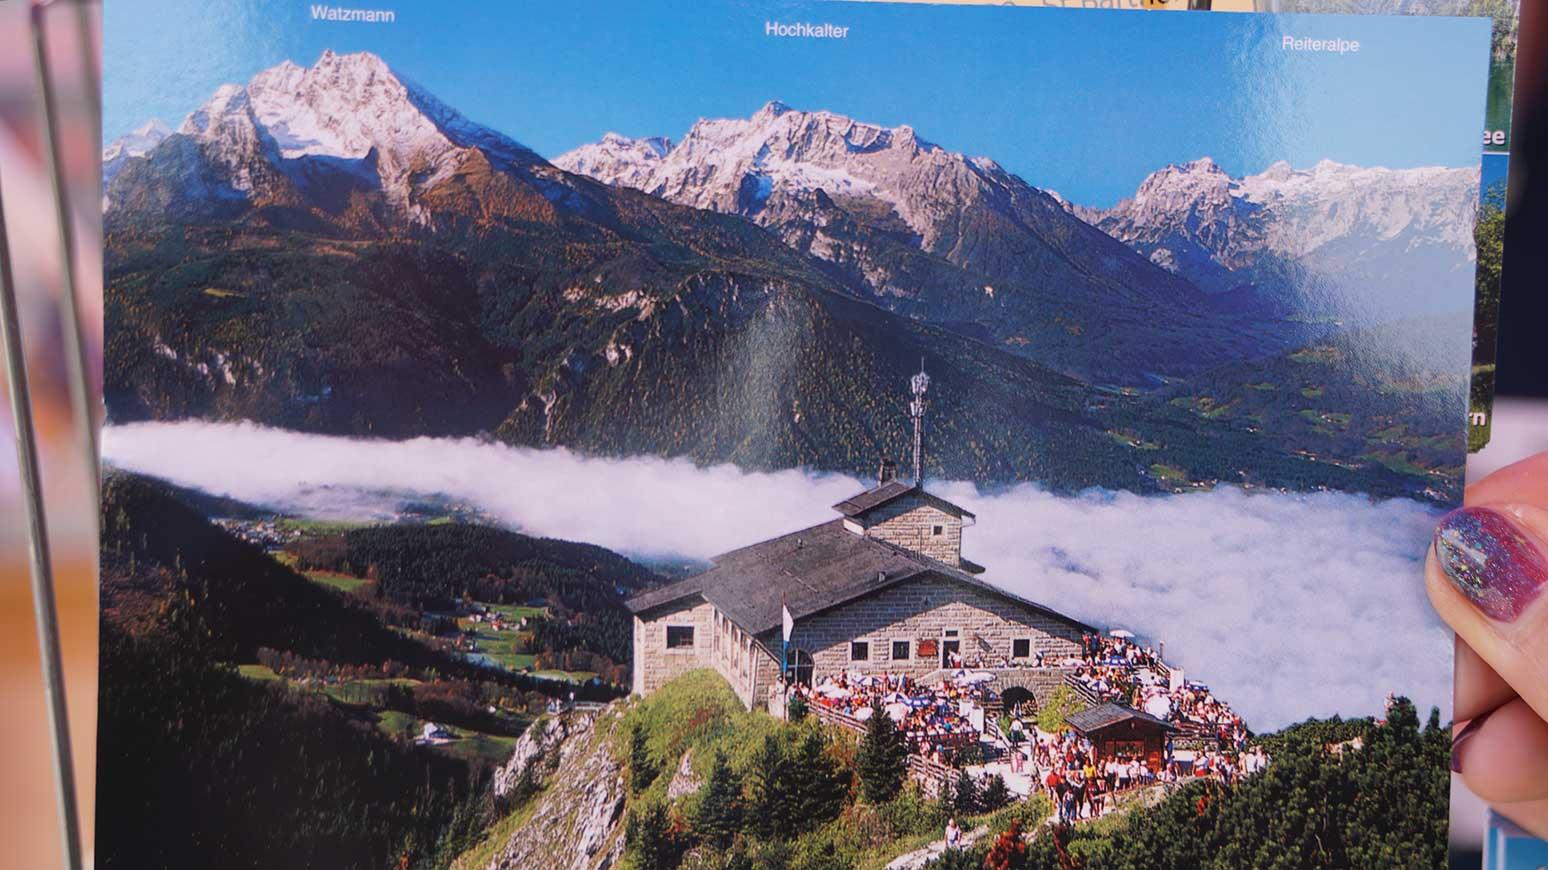 ... uns die Postkarte recht anschaulich. Das Kehlsteinhaus ragt quasi hinaus auf die Berchtesgadener Ebene